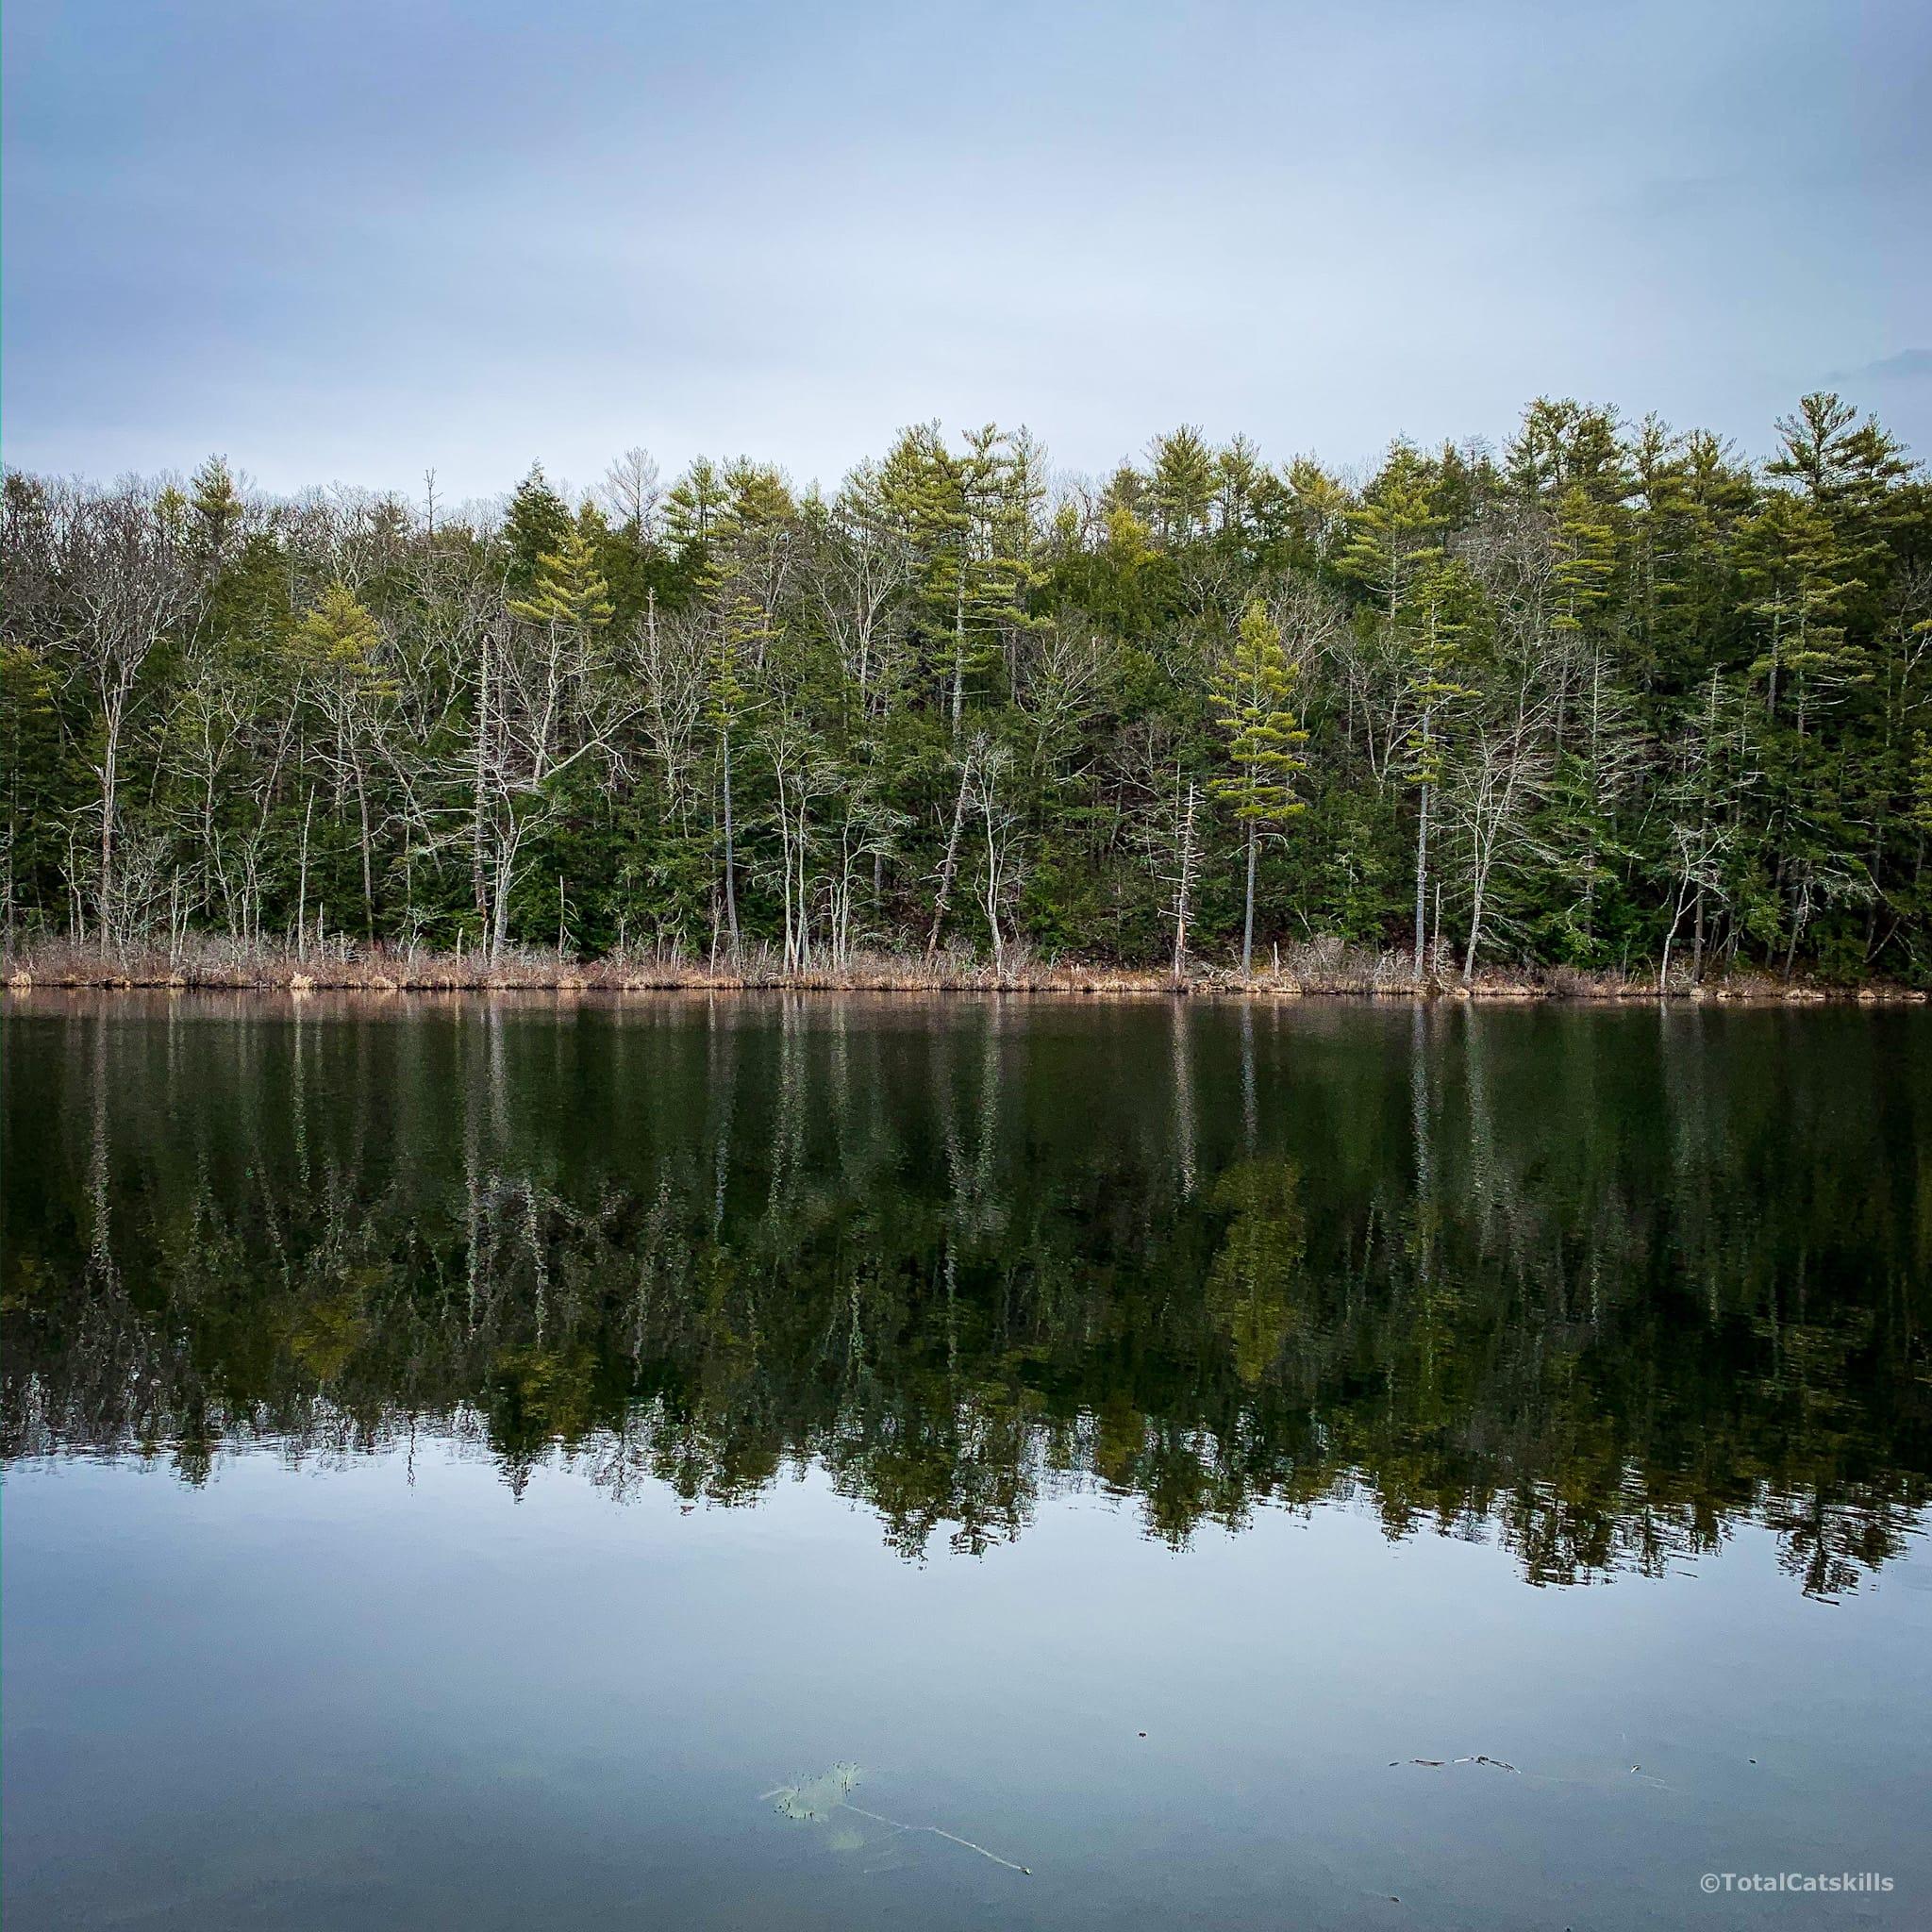 onteroa lake view / an easy catskills hike